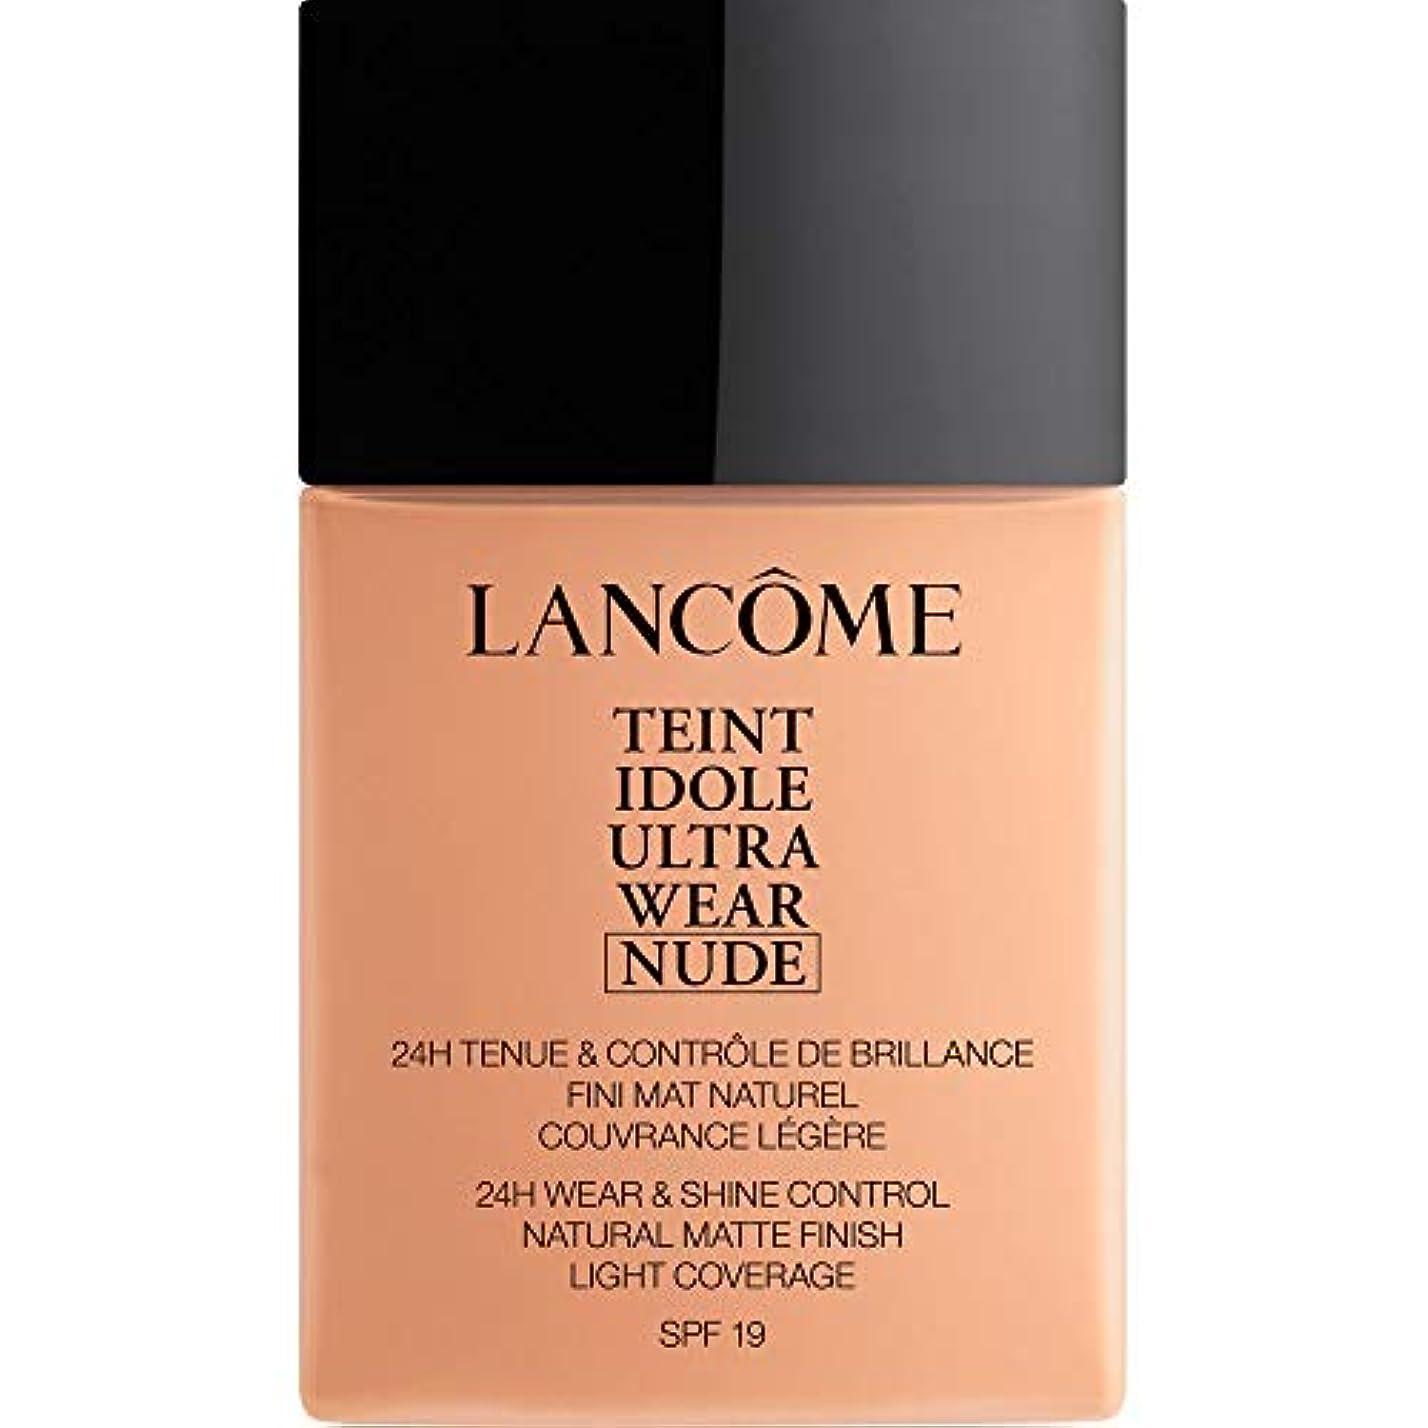 トリクル学習セグメント[Lanc?me ] ランコムTeintのIdole超摩耗ヌード財団Spf19の40ミリリットル038 - ベージュCuivre - Lancome Teint Idole Ultra Wear Nude Foundation...